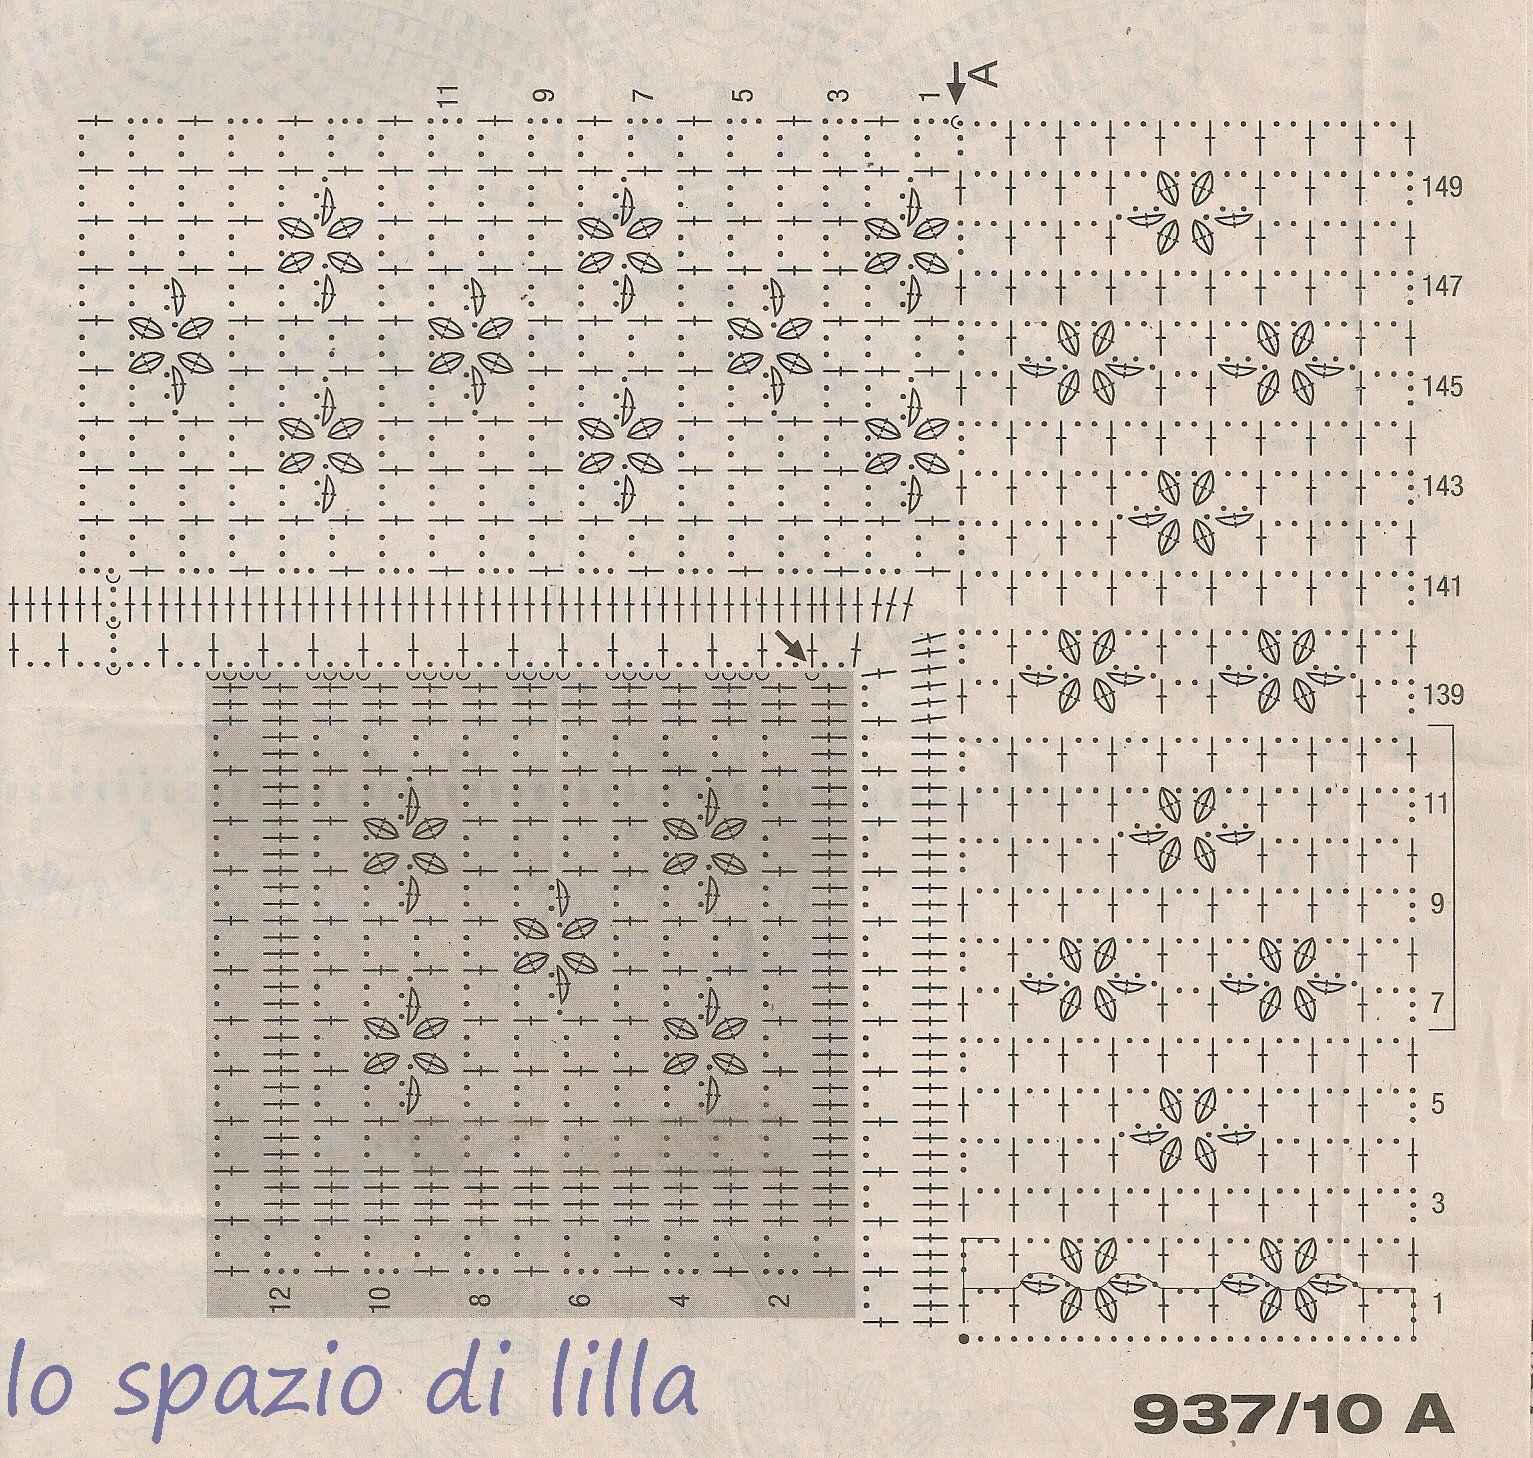 Lo spazio di lilla pizzi e bordure all 39 uncinetto da for Merletti a uncinetto schemi